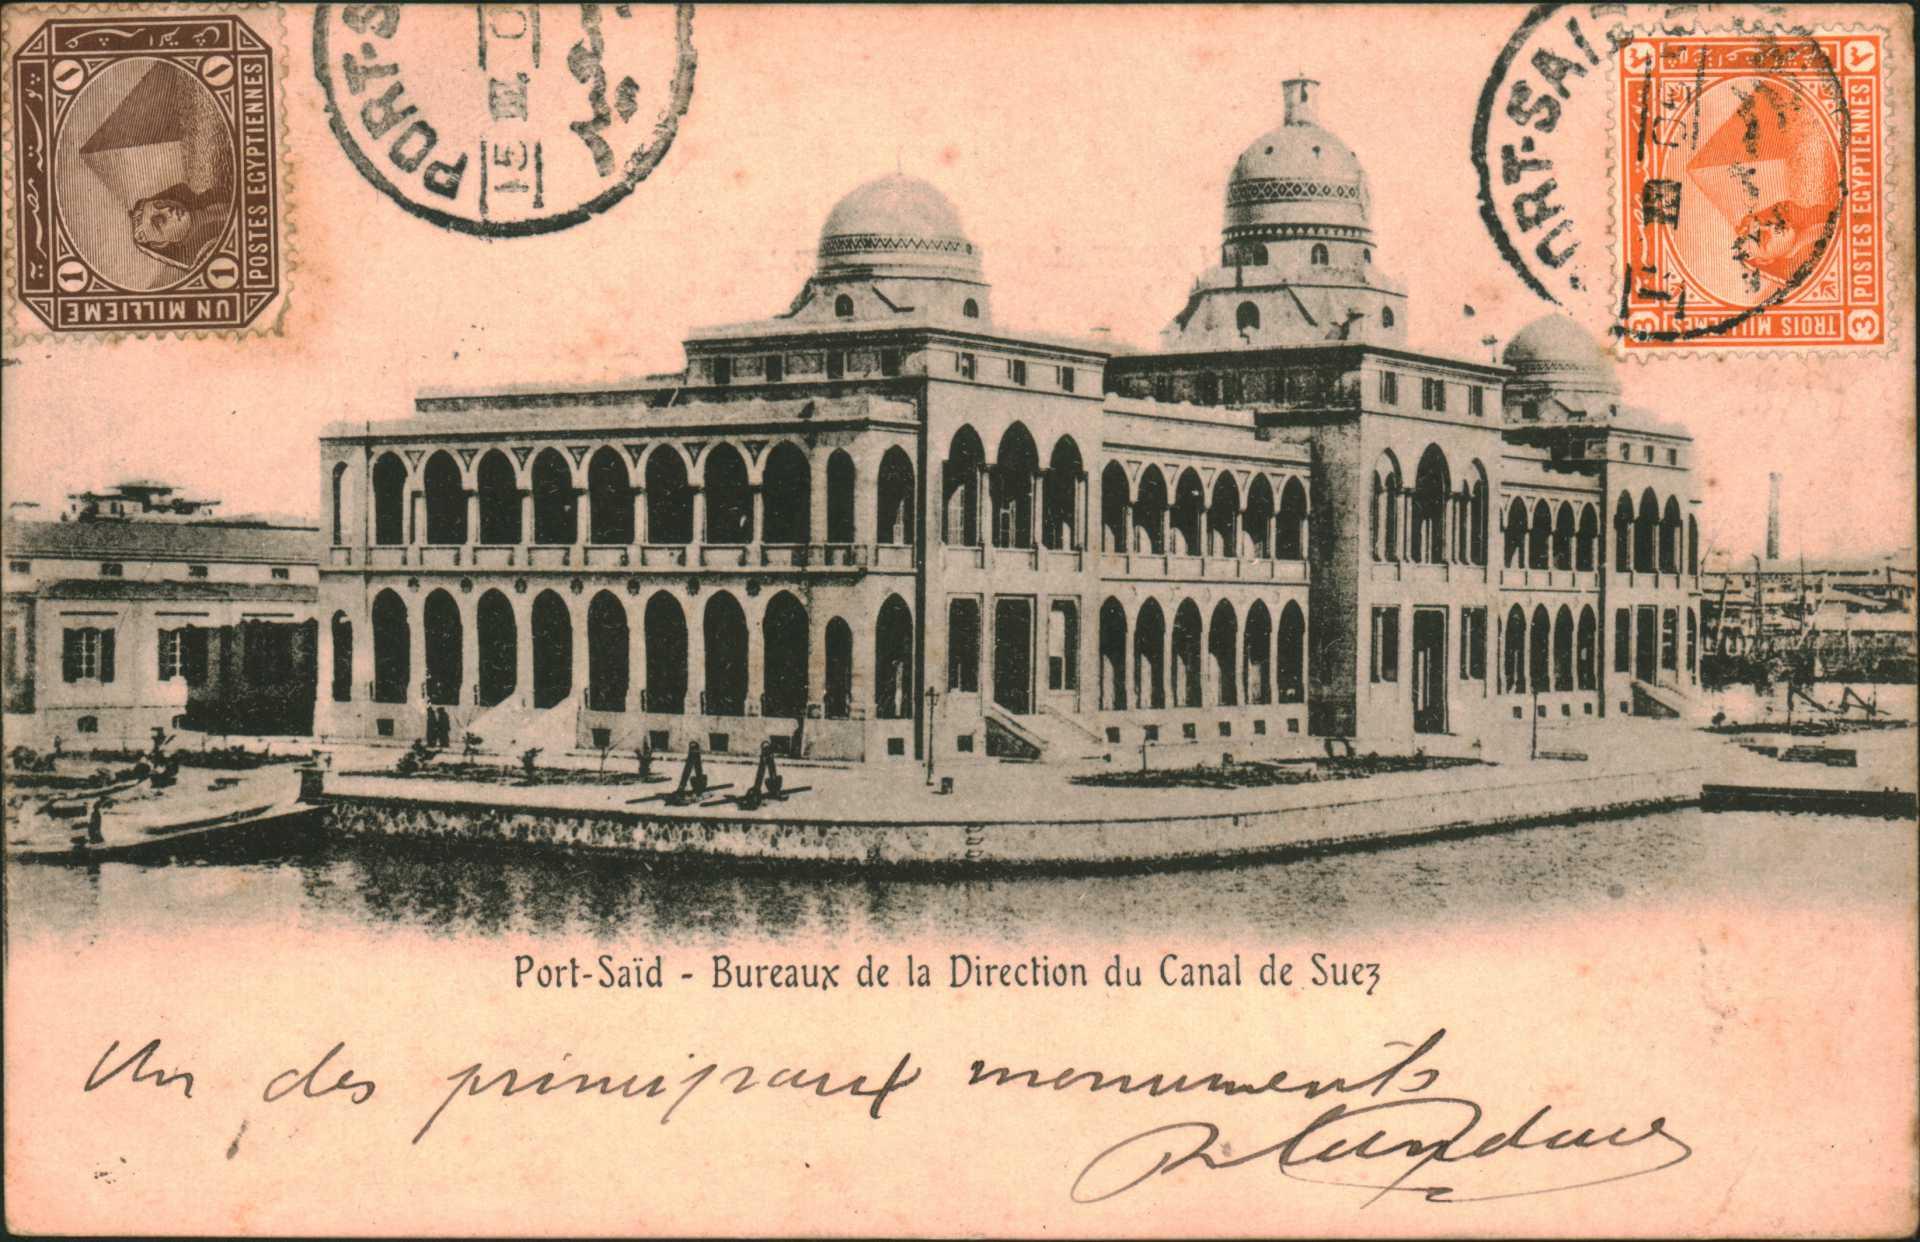 Port Said – Bureaux de la Direction du Canal de Suez